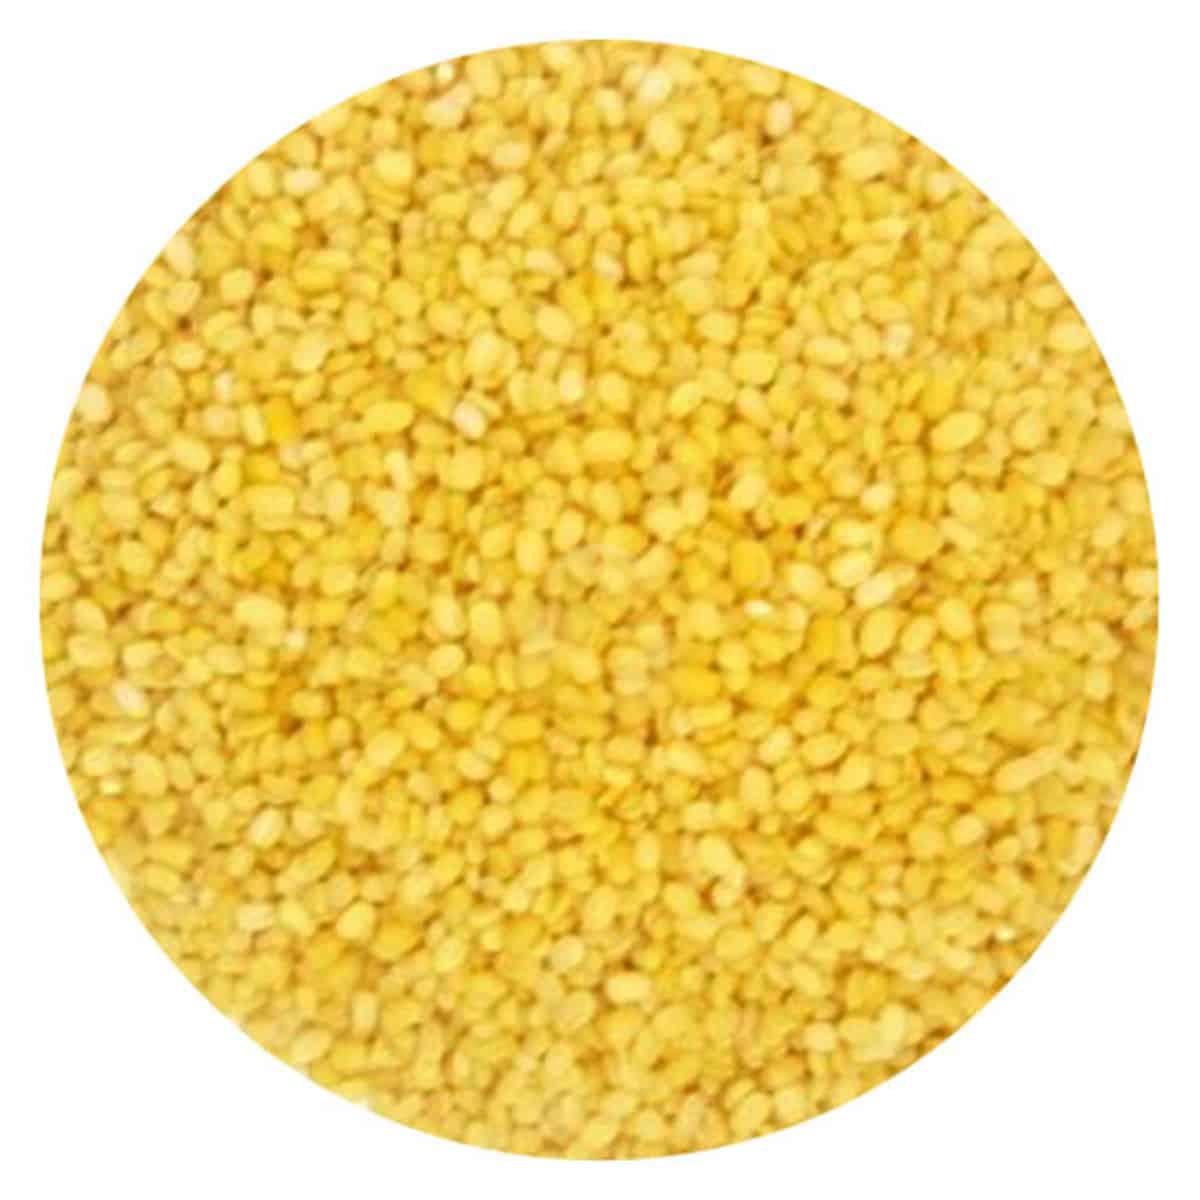 Buy IAG Foods Moong Dal (Split Green Gram without Skin & Husked) - 1 kg